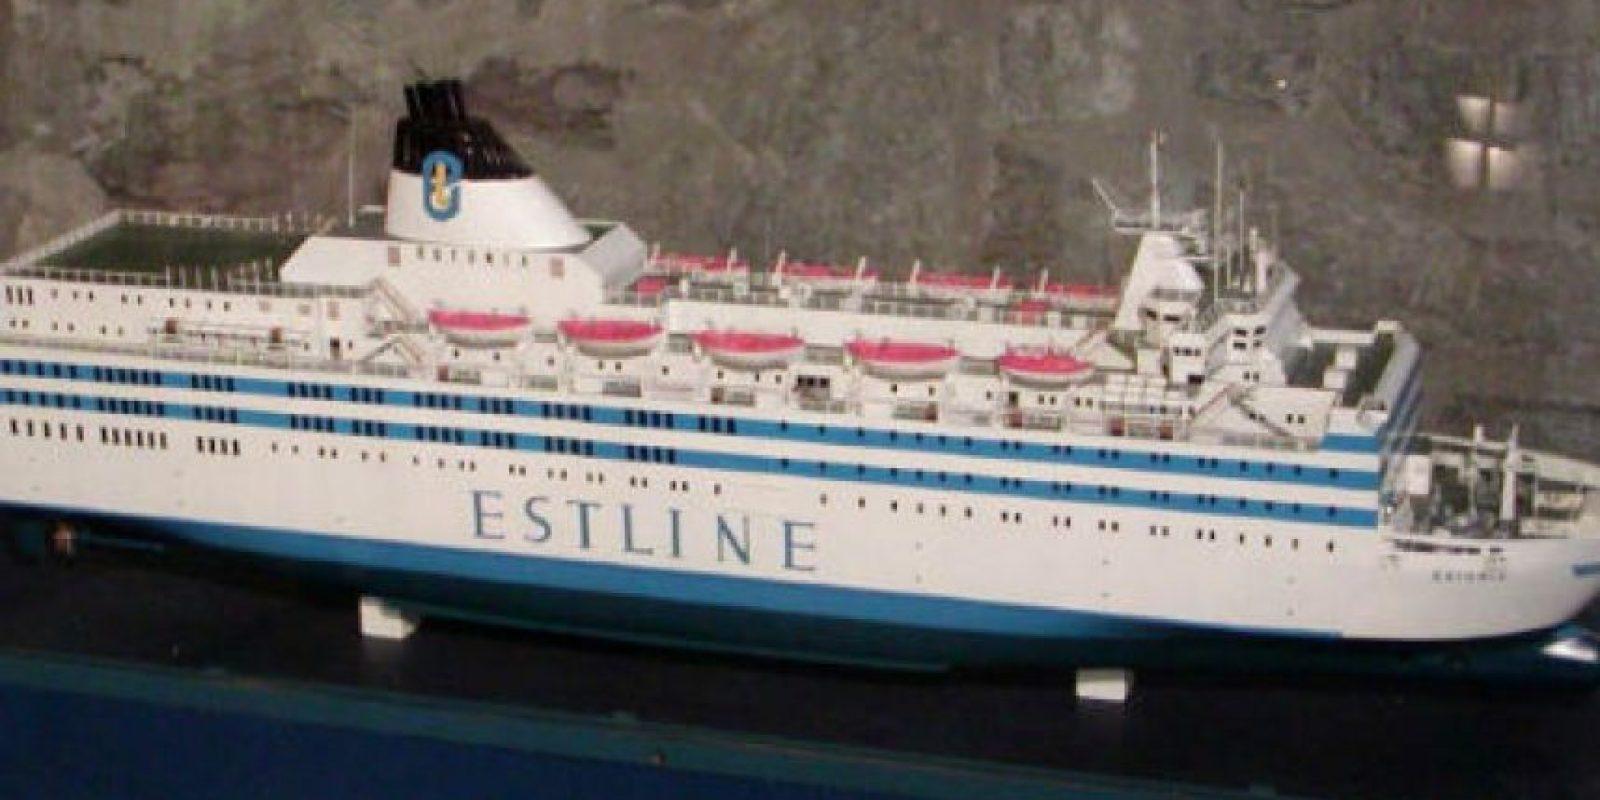 Estonia. Un ferry que el 27 de septiembre de 1994, se hundio junto la vida de más de 900 personas. Foto:Wikiped